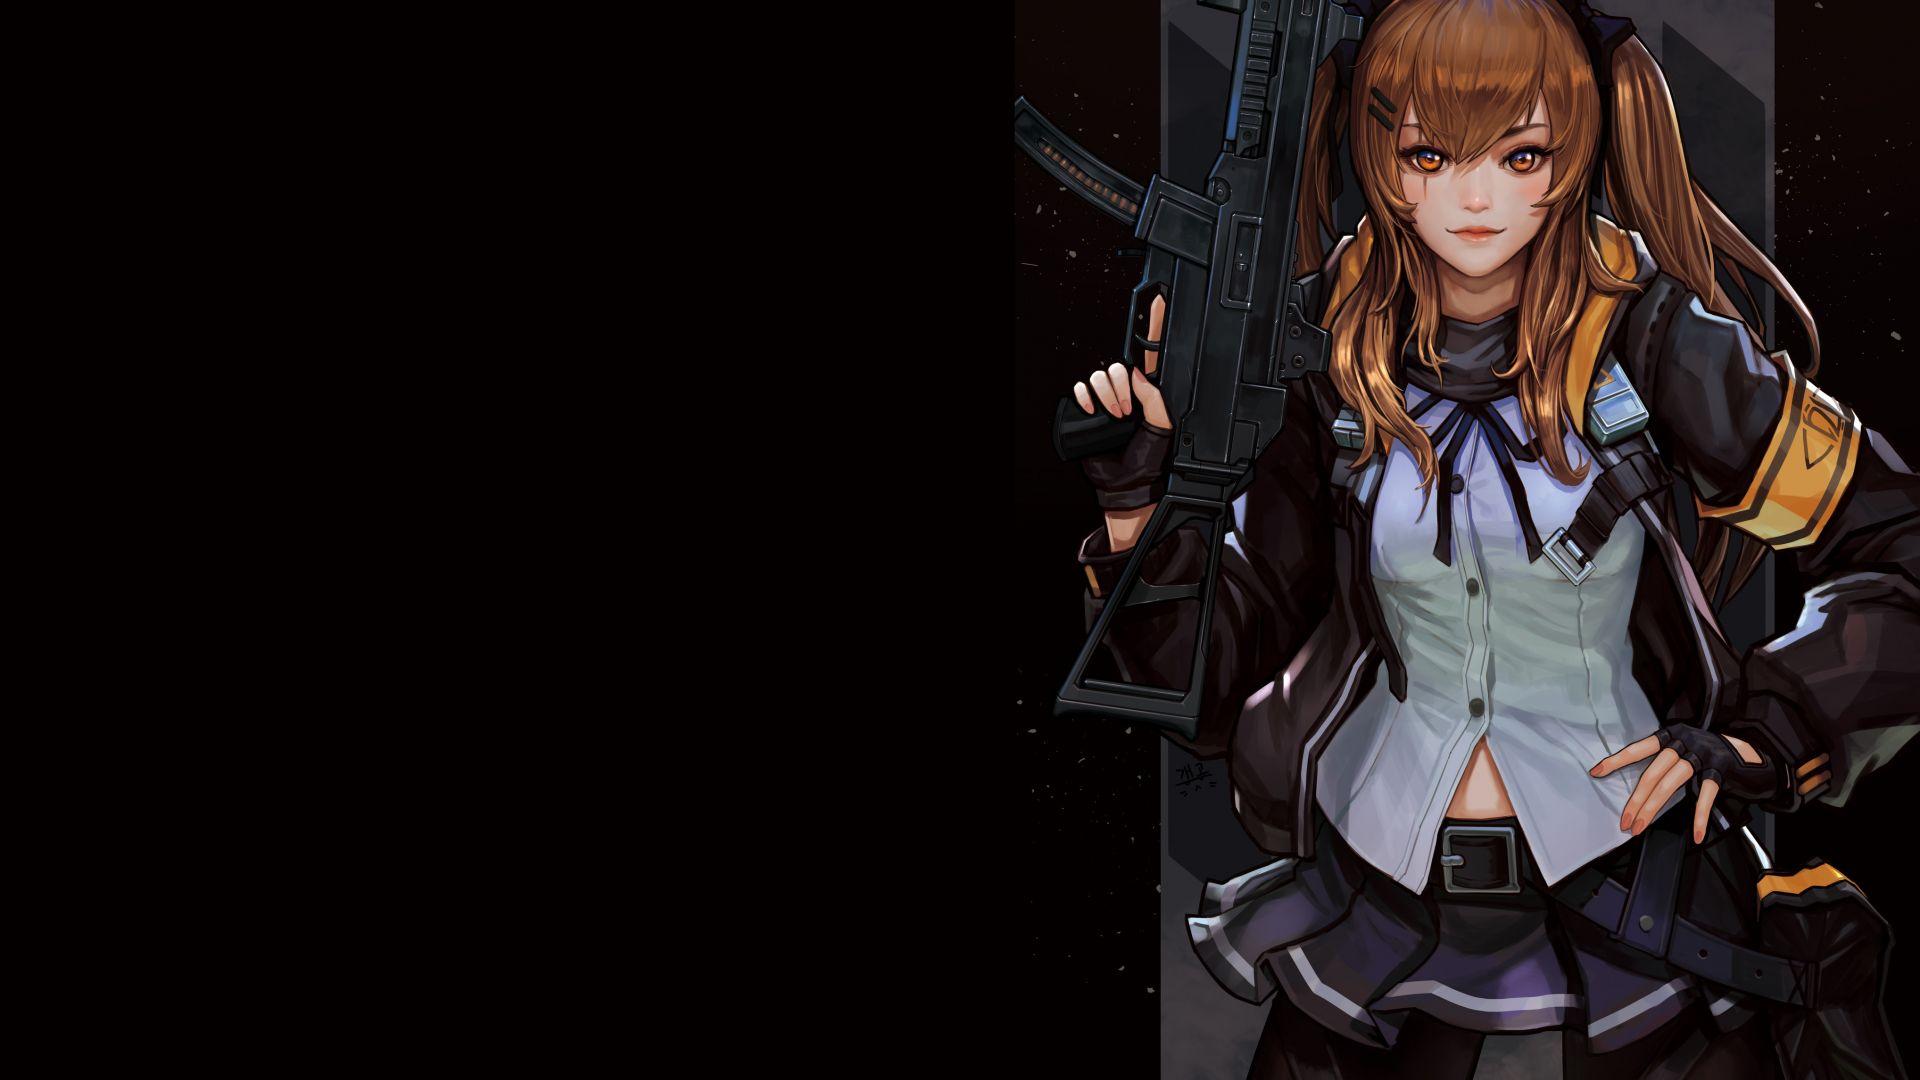 Desktop Wallpaper Anime Girl And Gun Girls Frontline 4k Hd Image